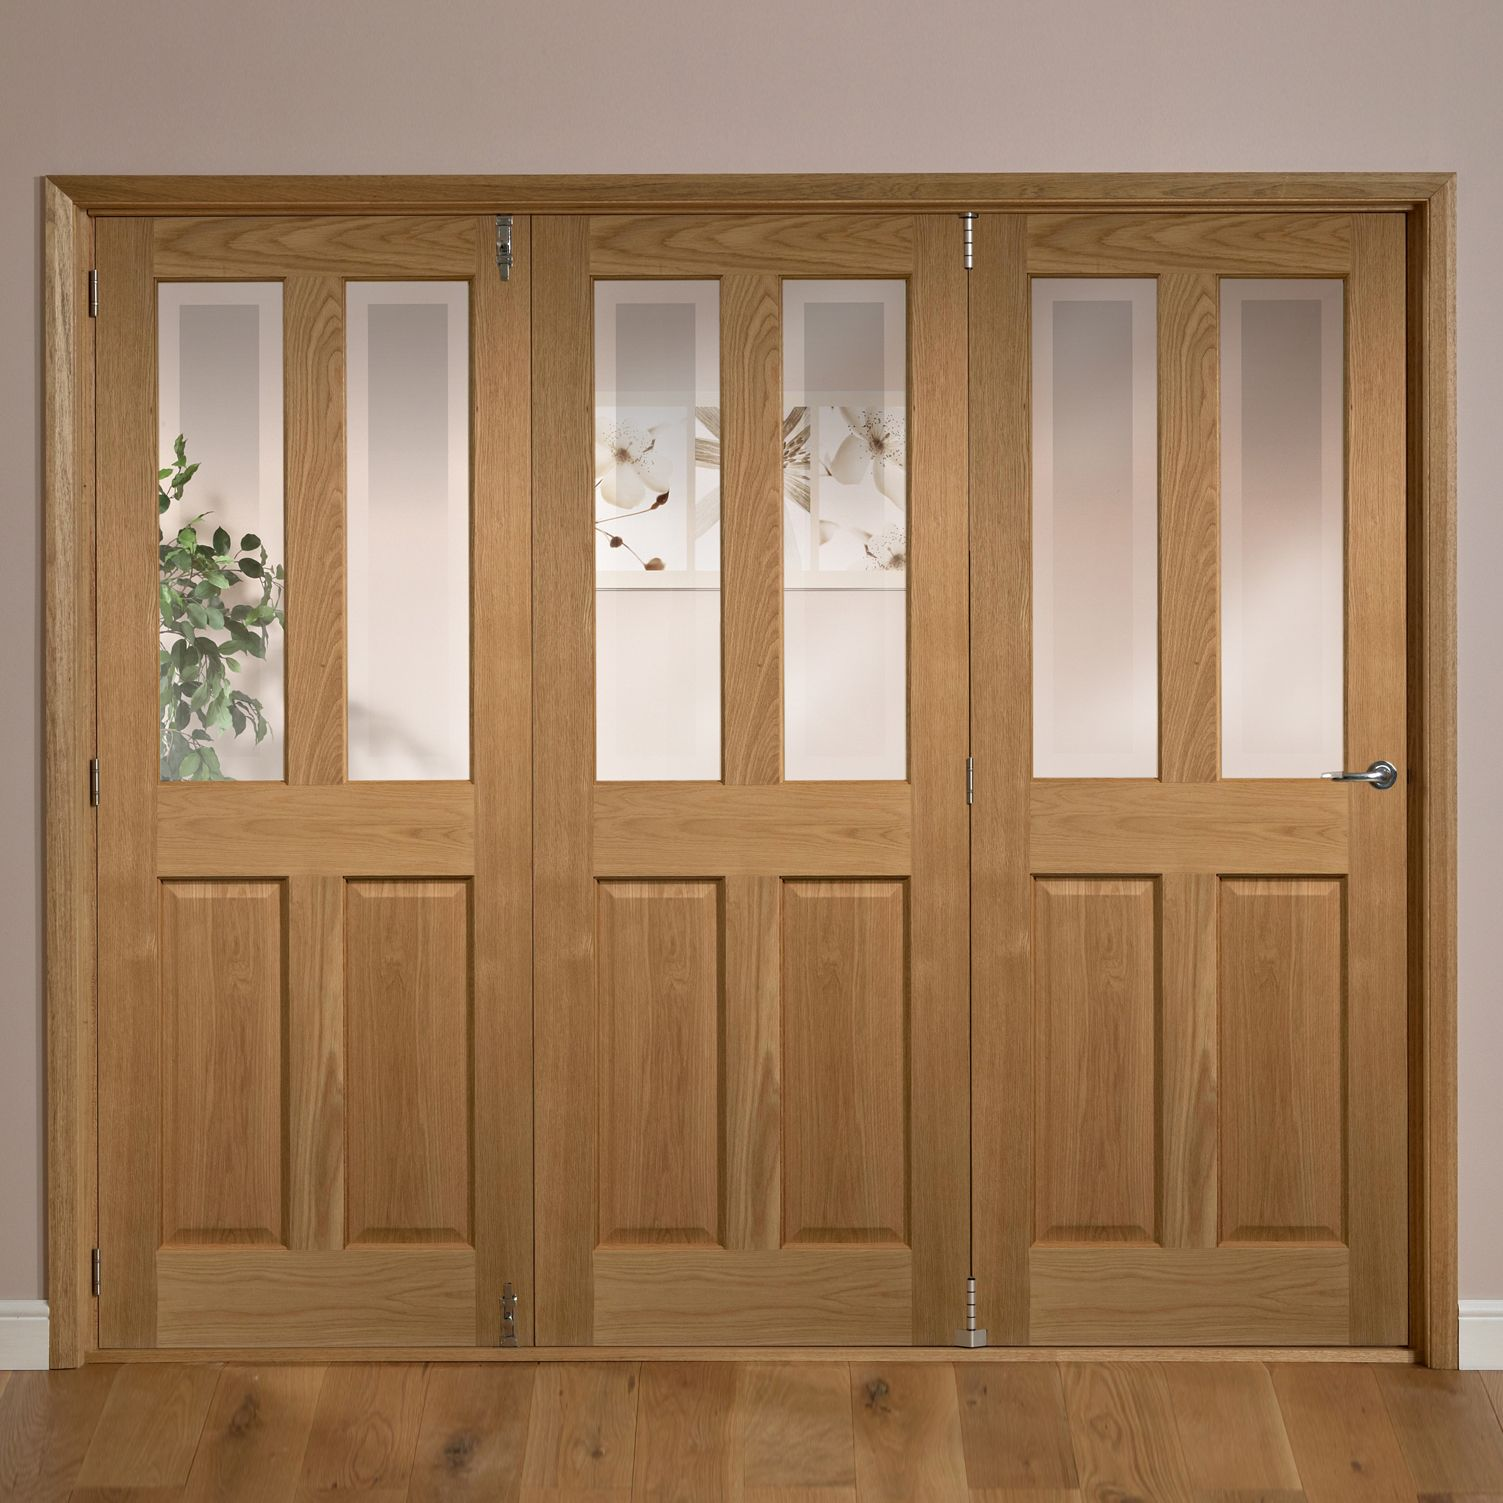 elveden 4 panel 2 lite oak veneer glazed internal folding. Black Bedroom Furniture Sets. Home Design Ideas